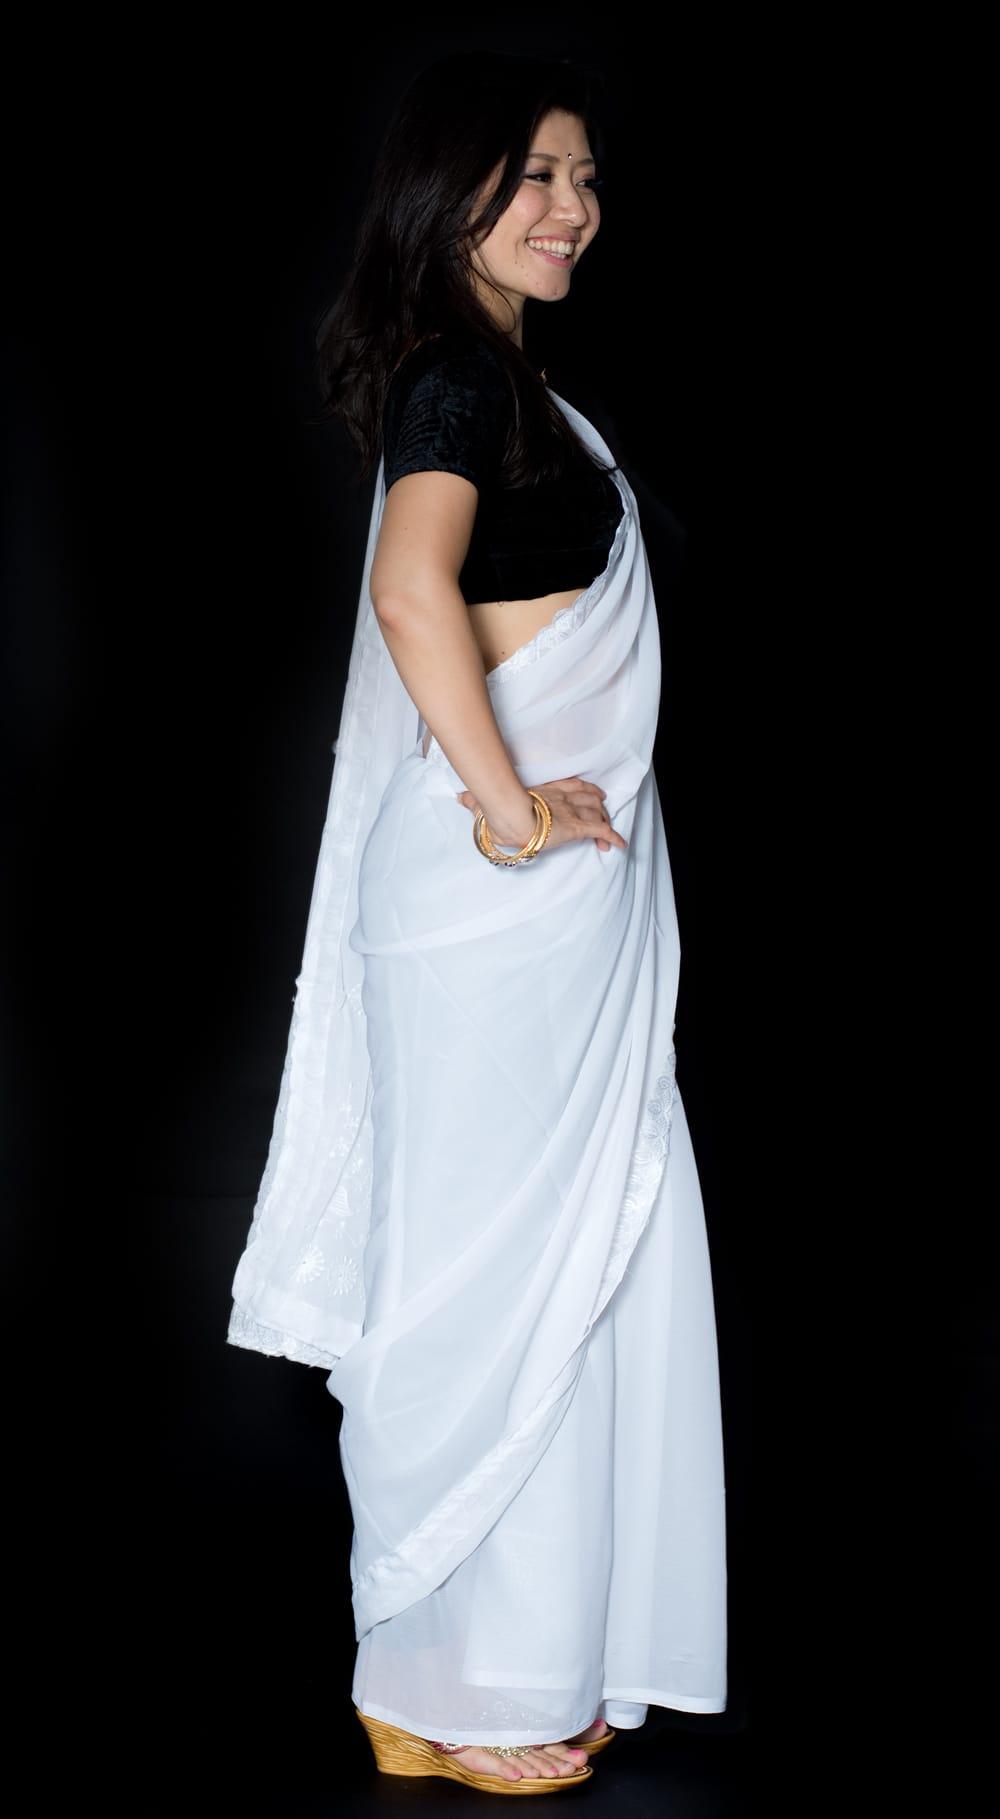 インドのホワイトサリー【更紗・伝統柄刺繍】 4 - 横からの写真です